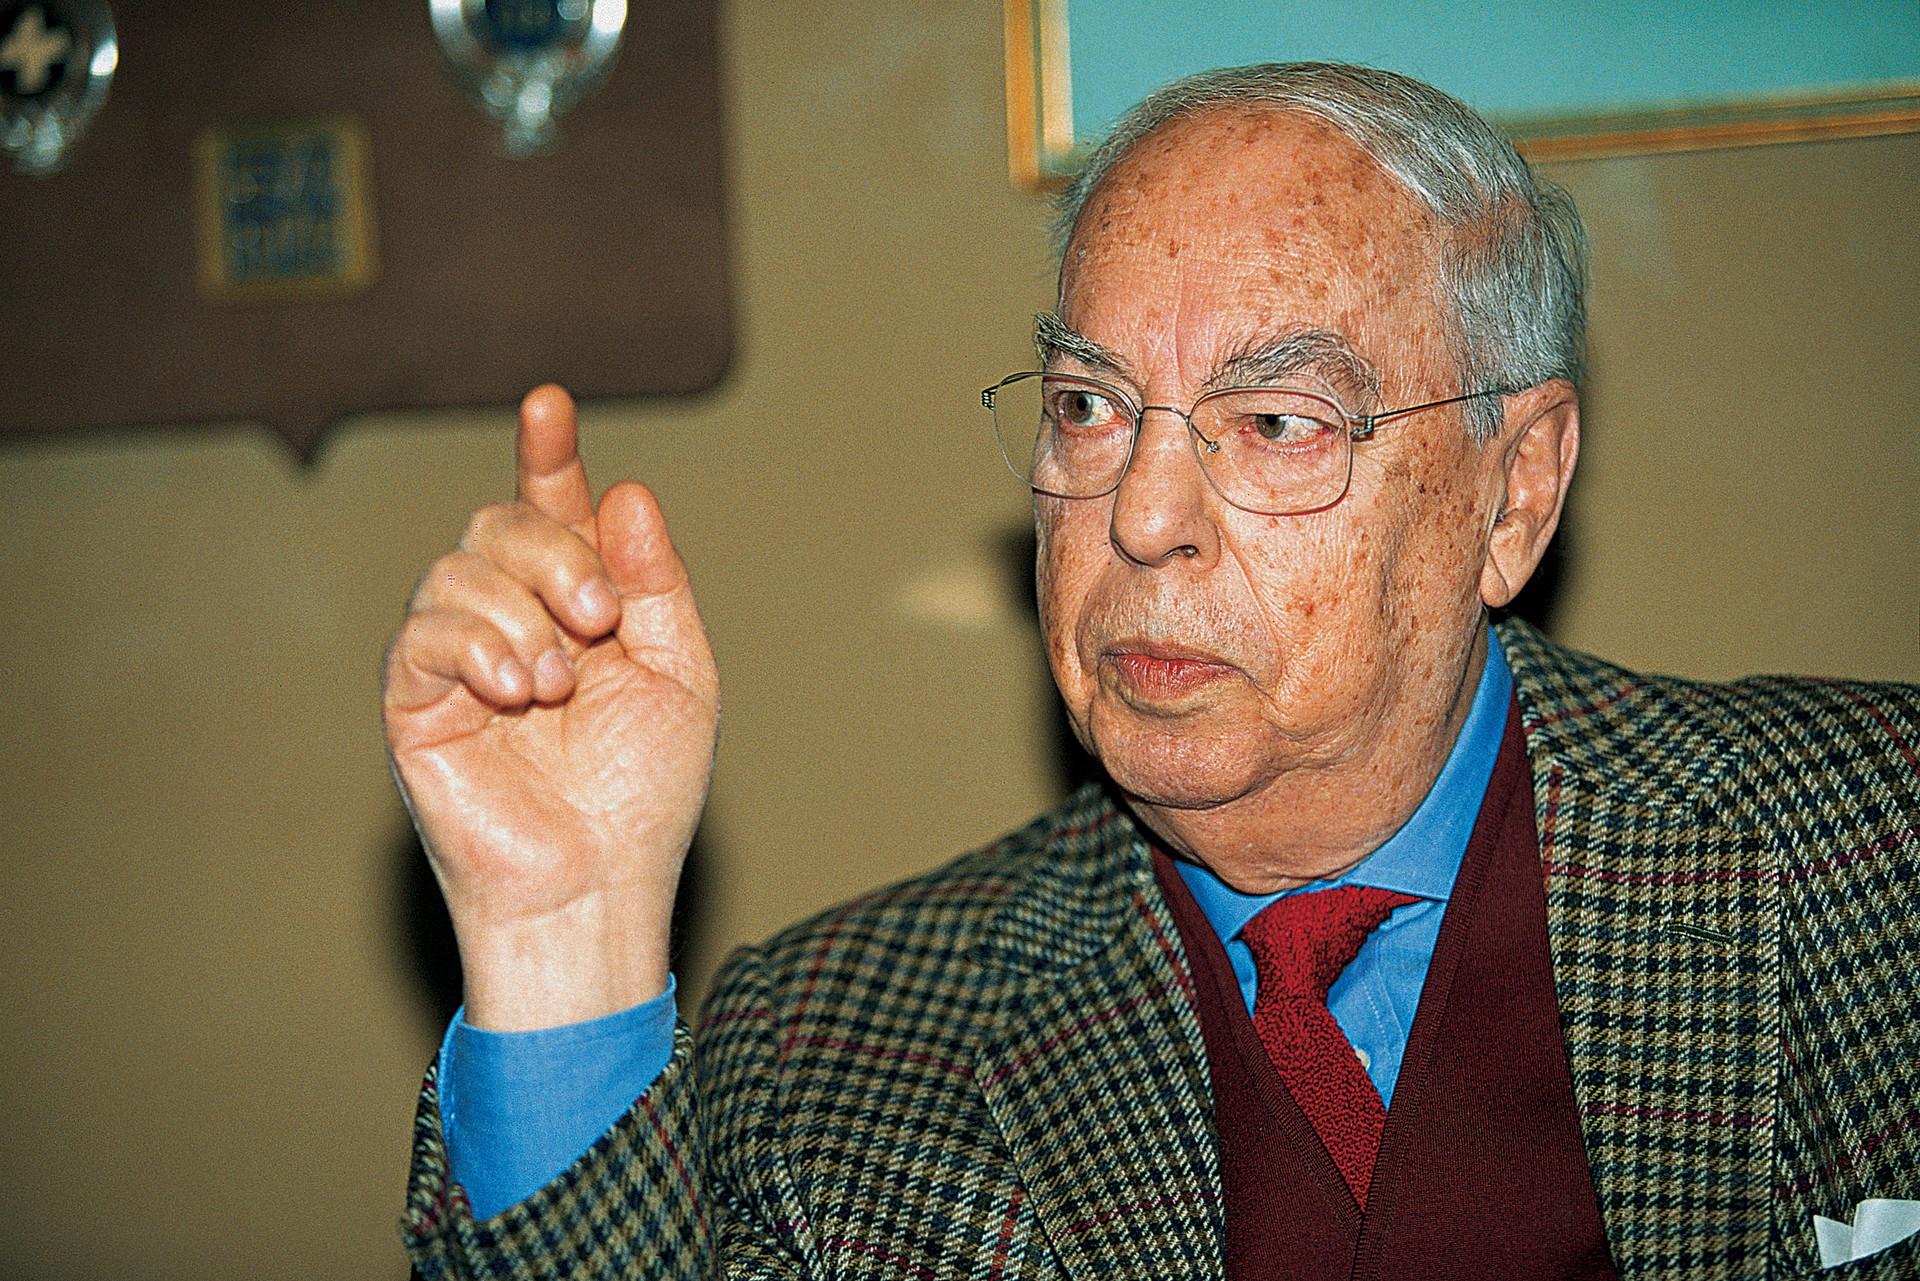 Alexandros Dardoufas